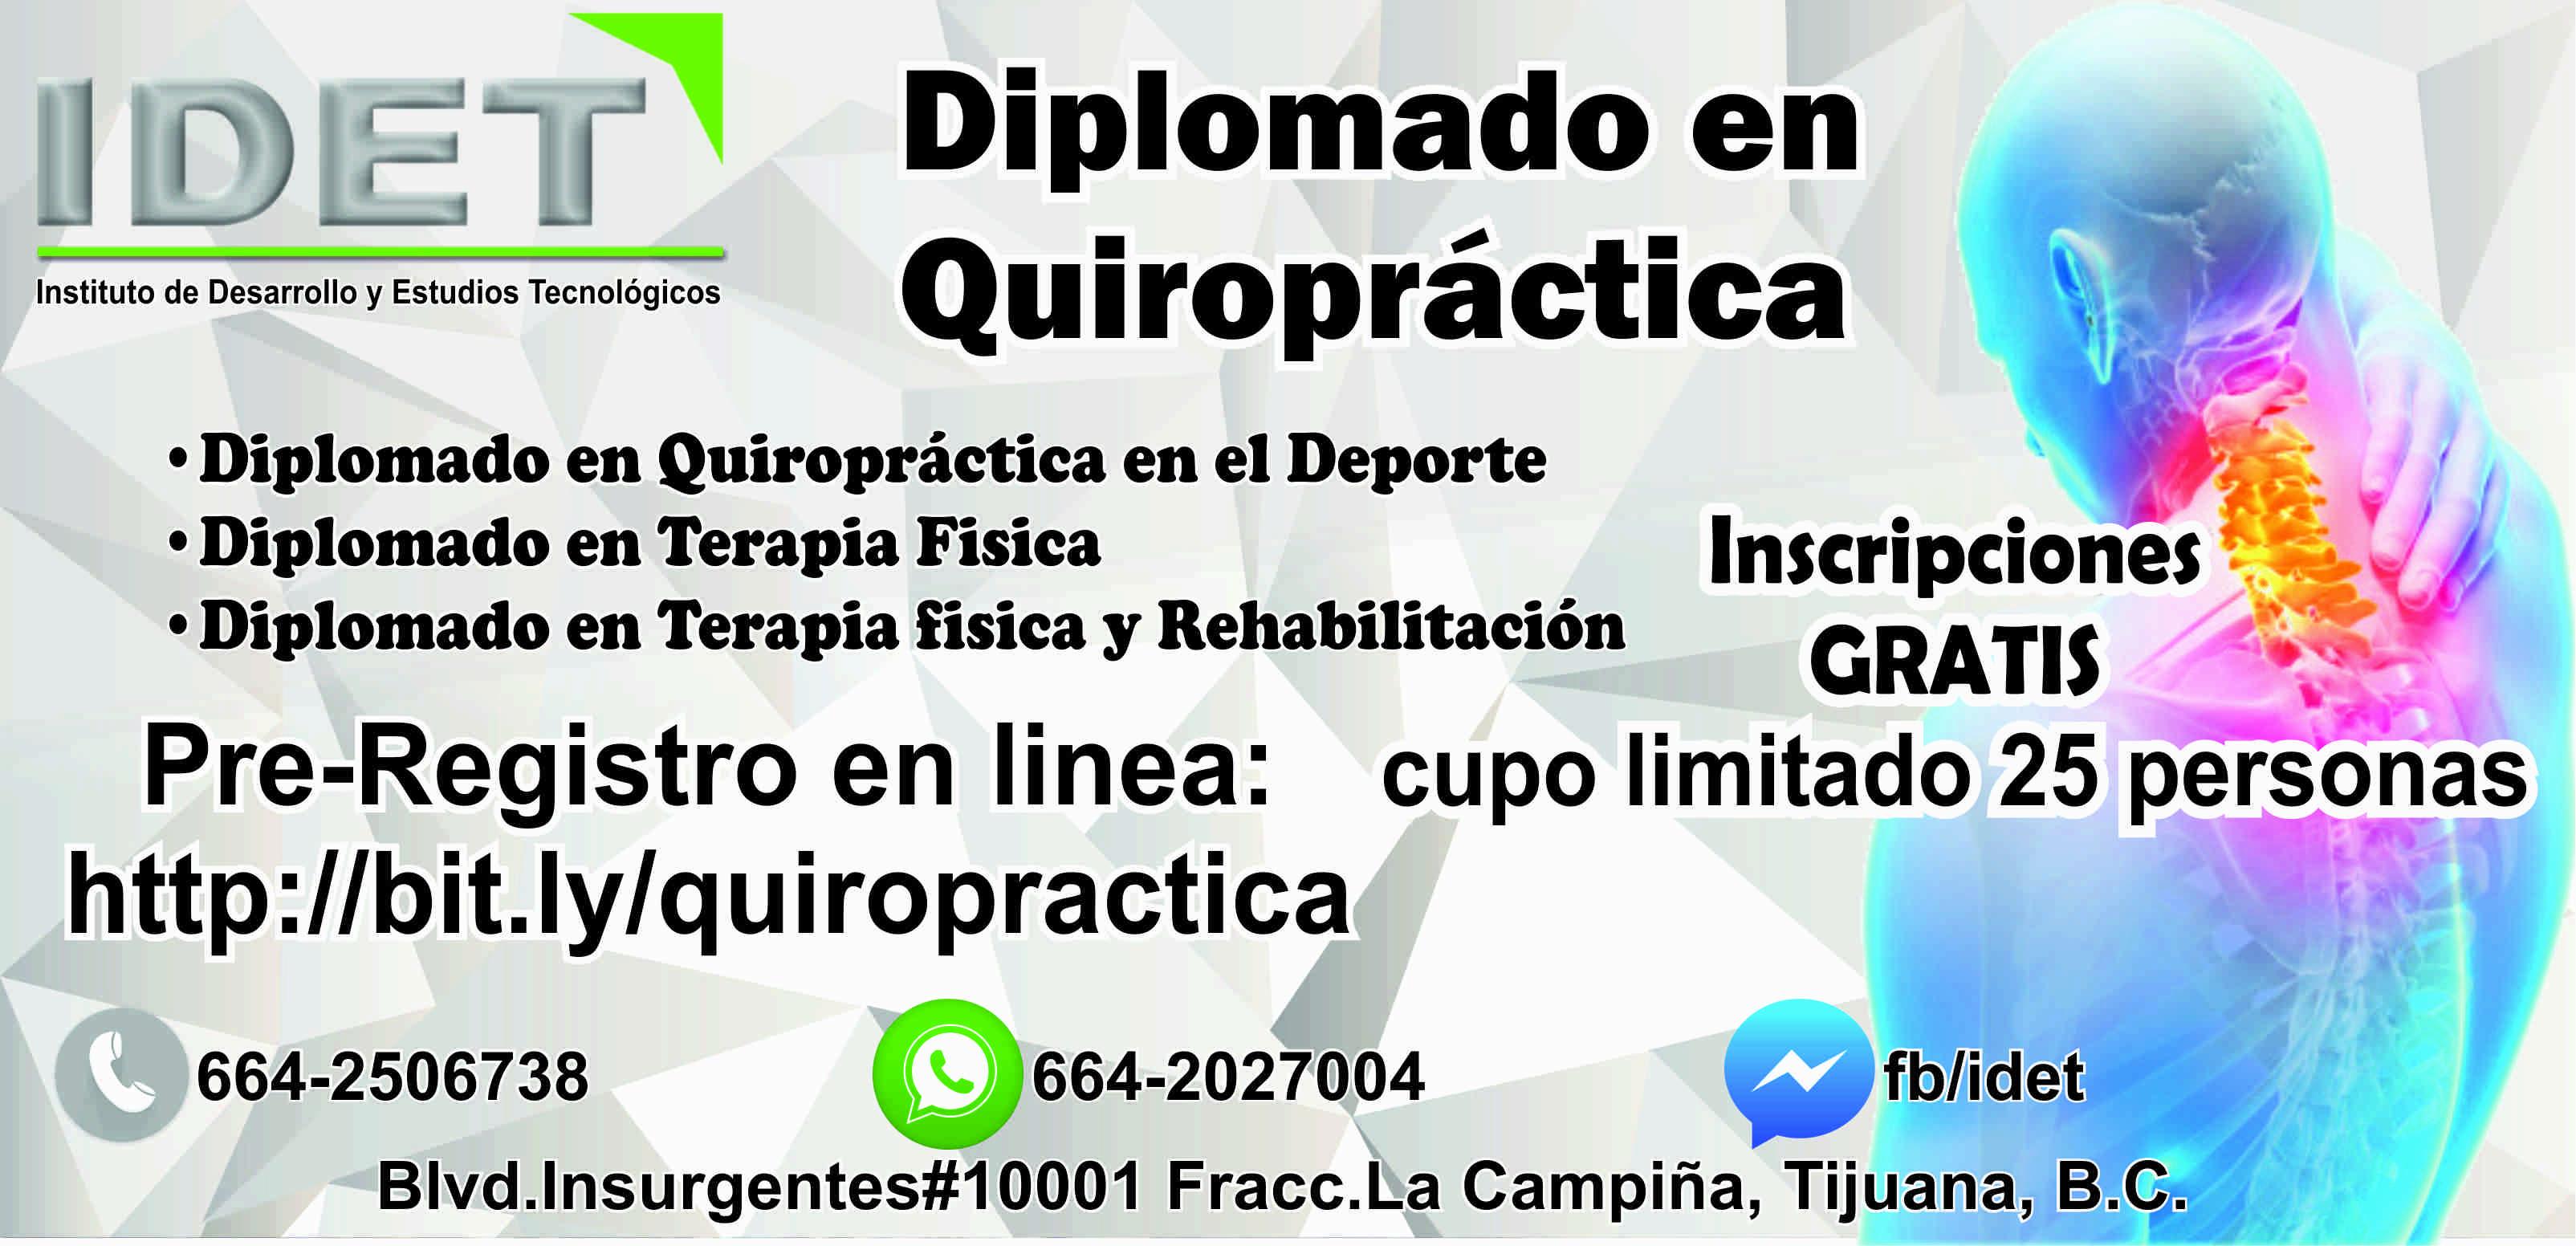 Diplomado En Quiropractica Idet